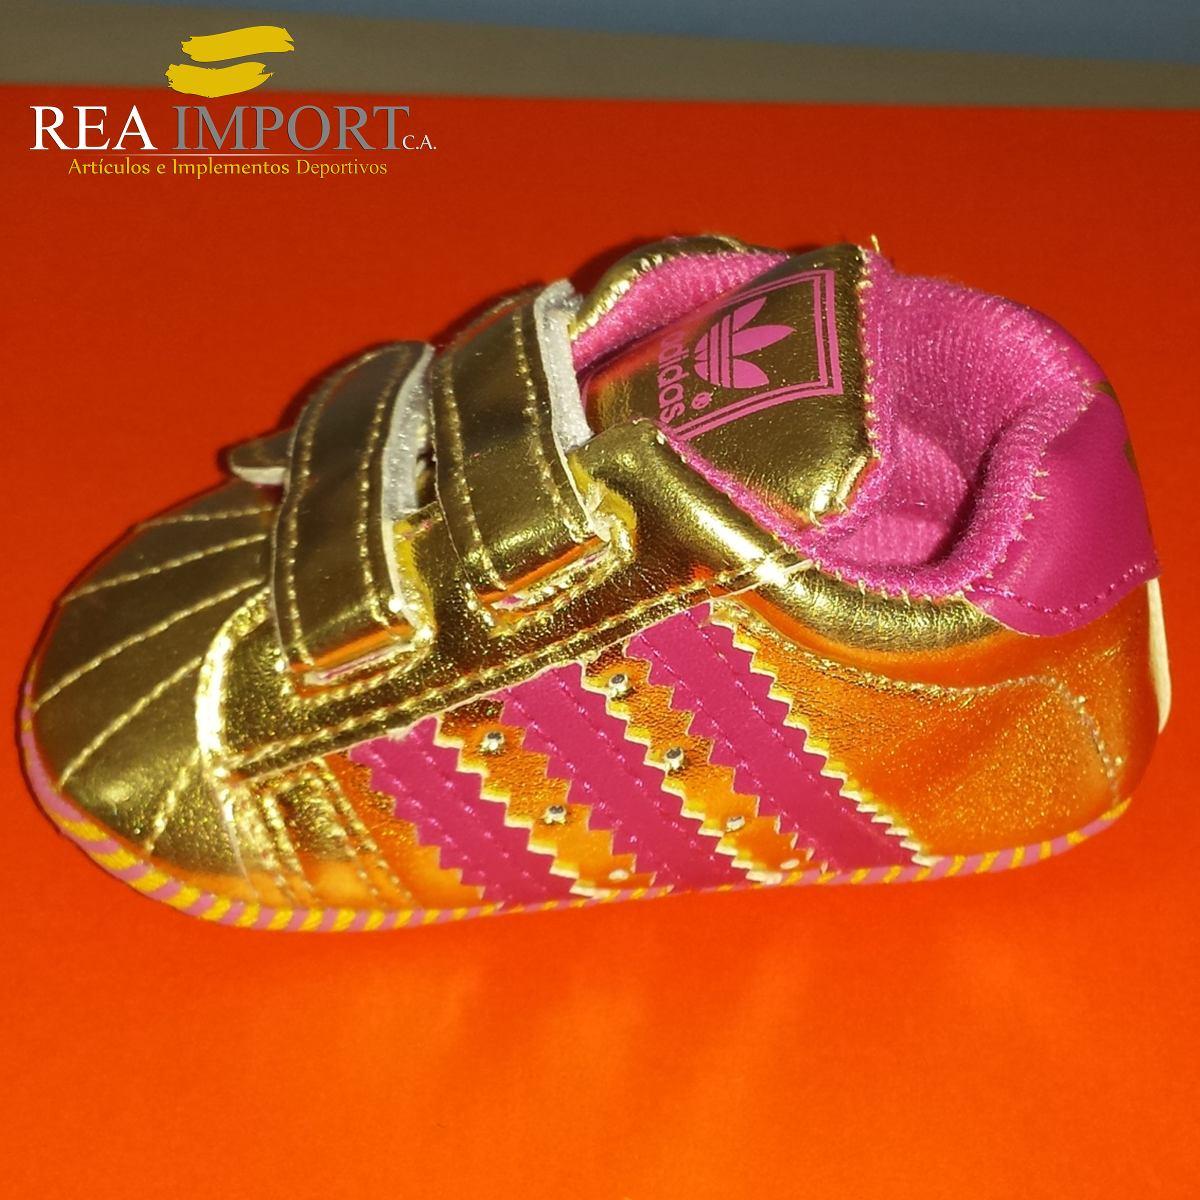 1231540665d Tallas de zapatos para bebes y niños por edad. -Infantil y adolescencia  de  los 5 a los 12 años